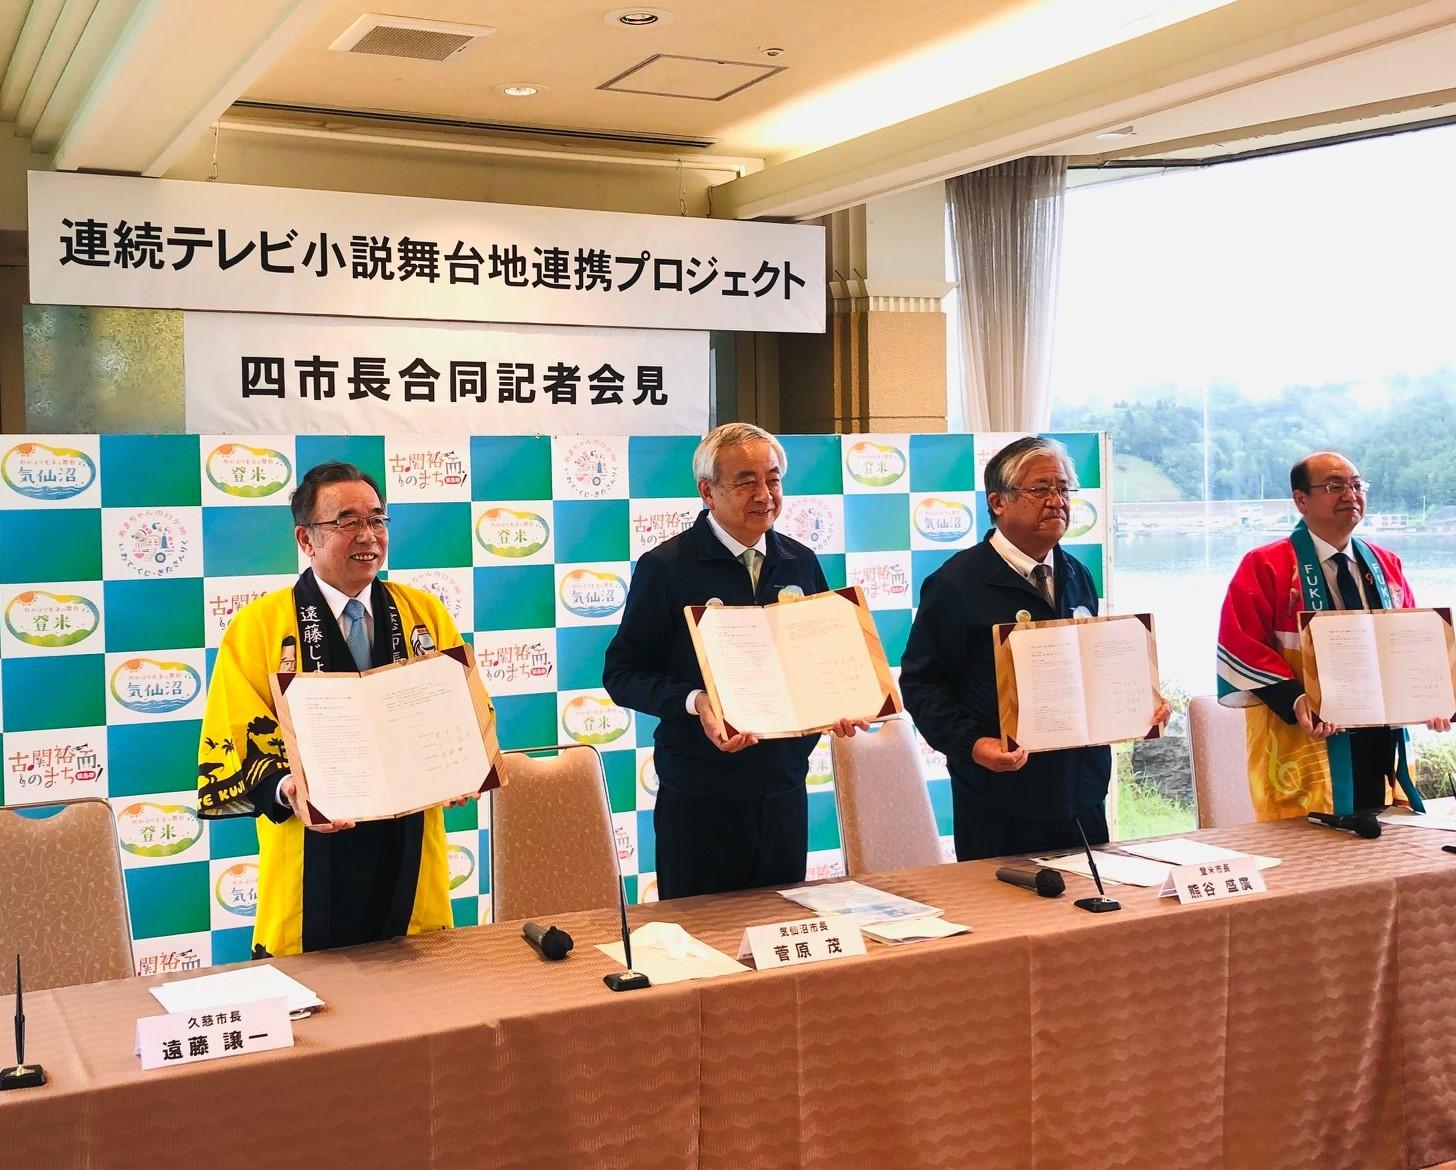 画像:「気仙沼・登米・久慈・福島おかえりプロジェクト」4市長合同記者発表を行いました。